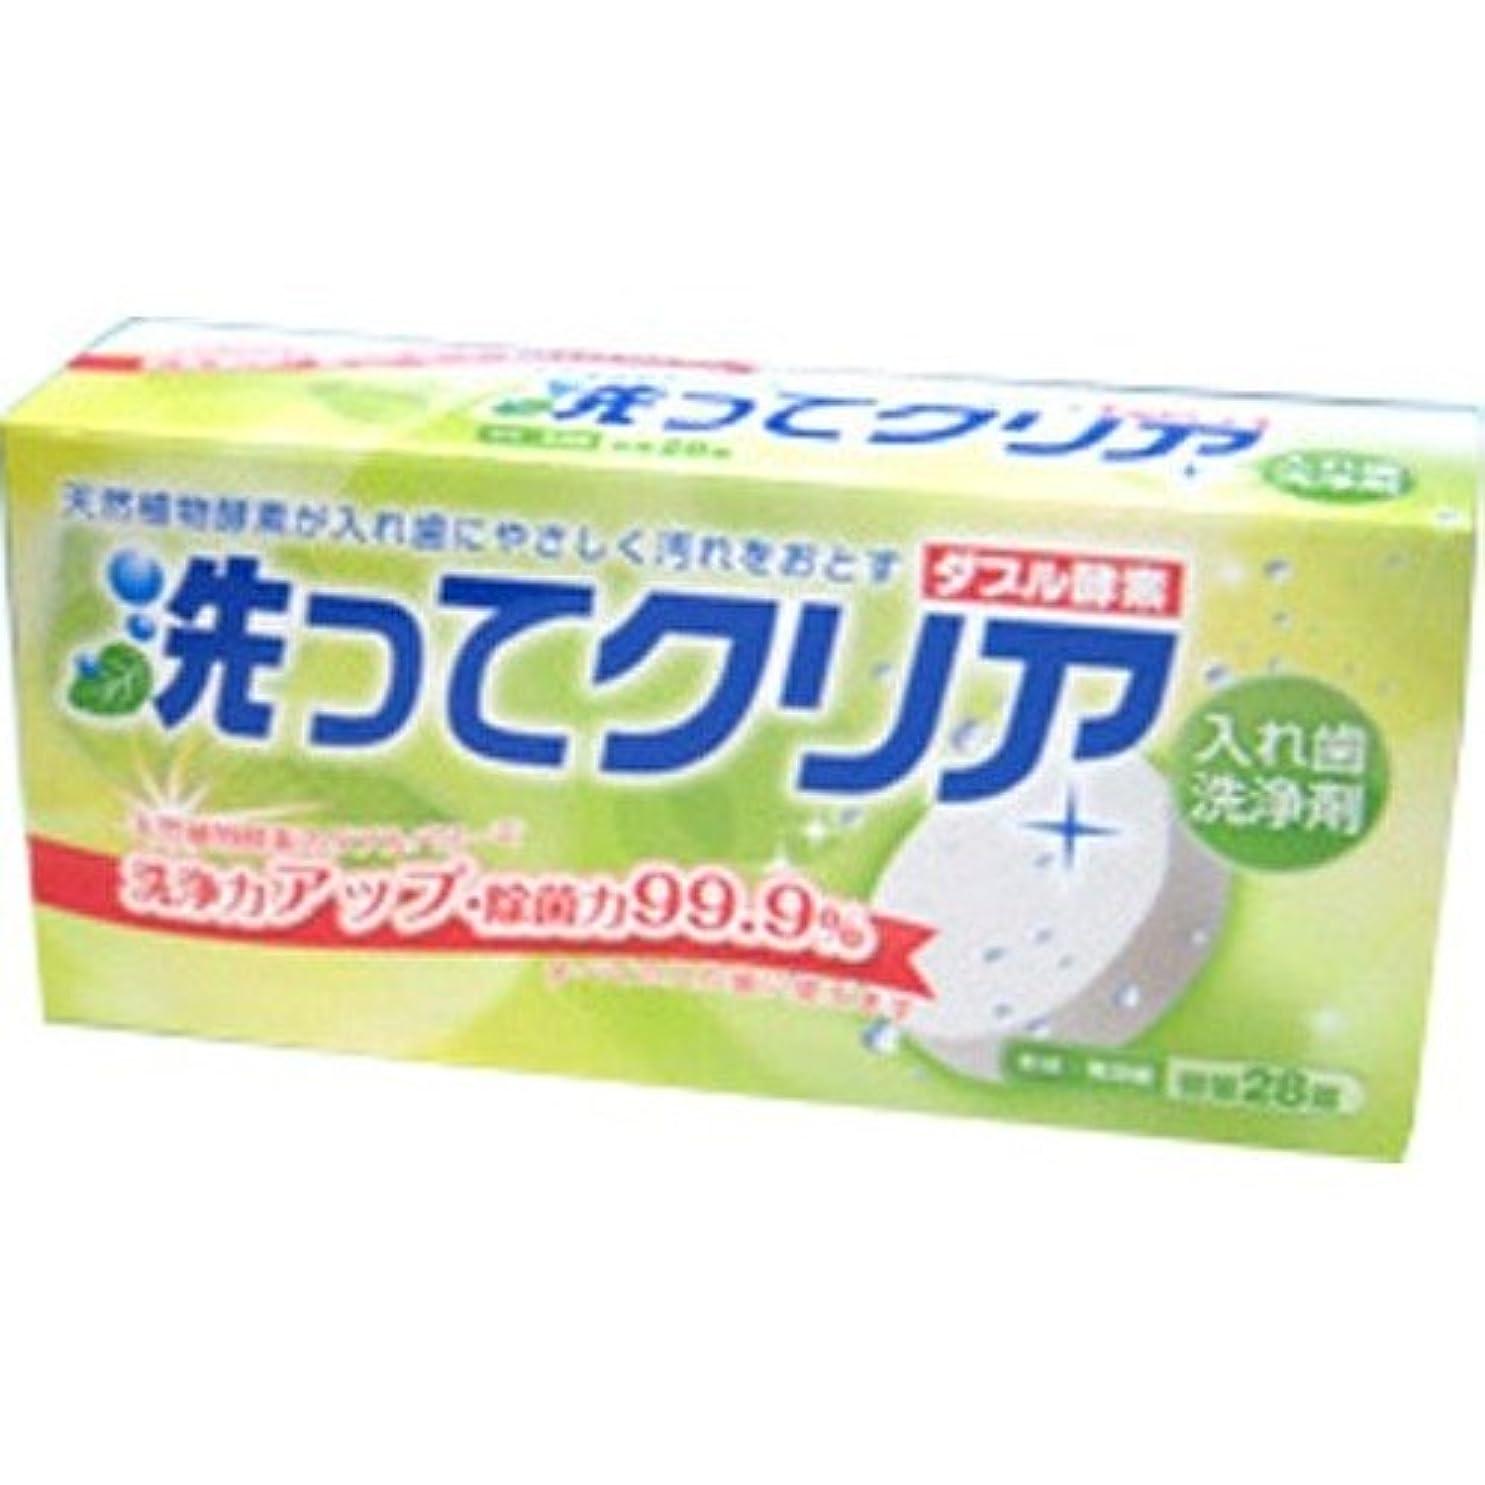 ケーキ聖域オズワルド東伸洋行株式会社 洗ってクリア ダブル酵素 28錠 入れ歯洗浄剤